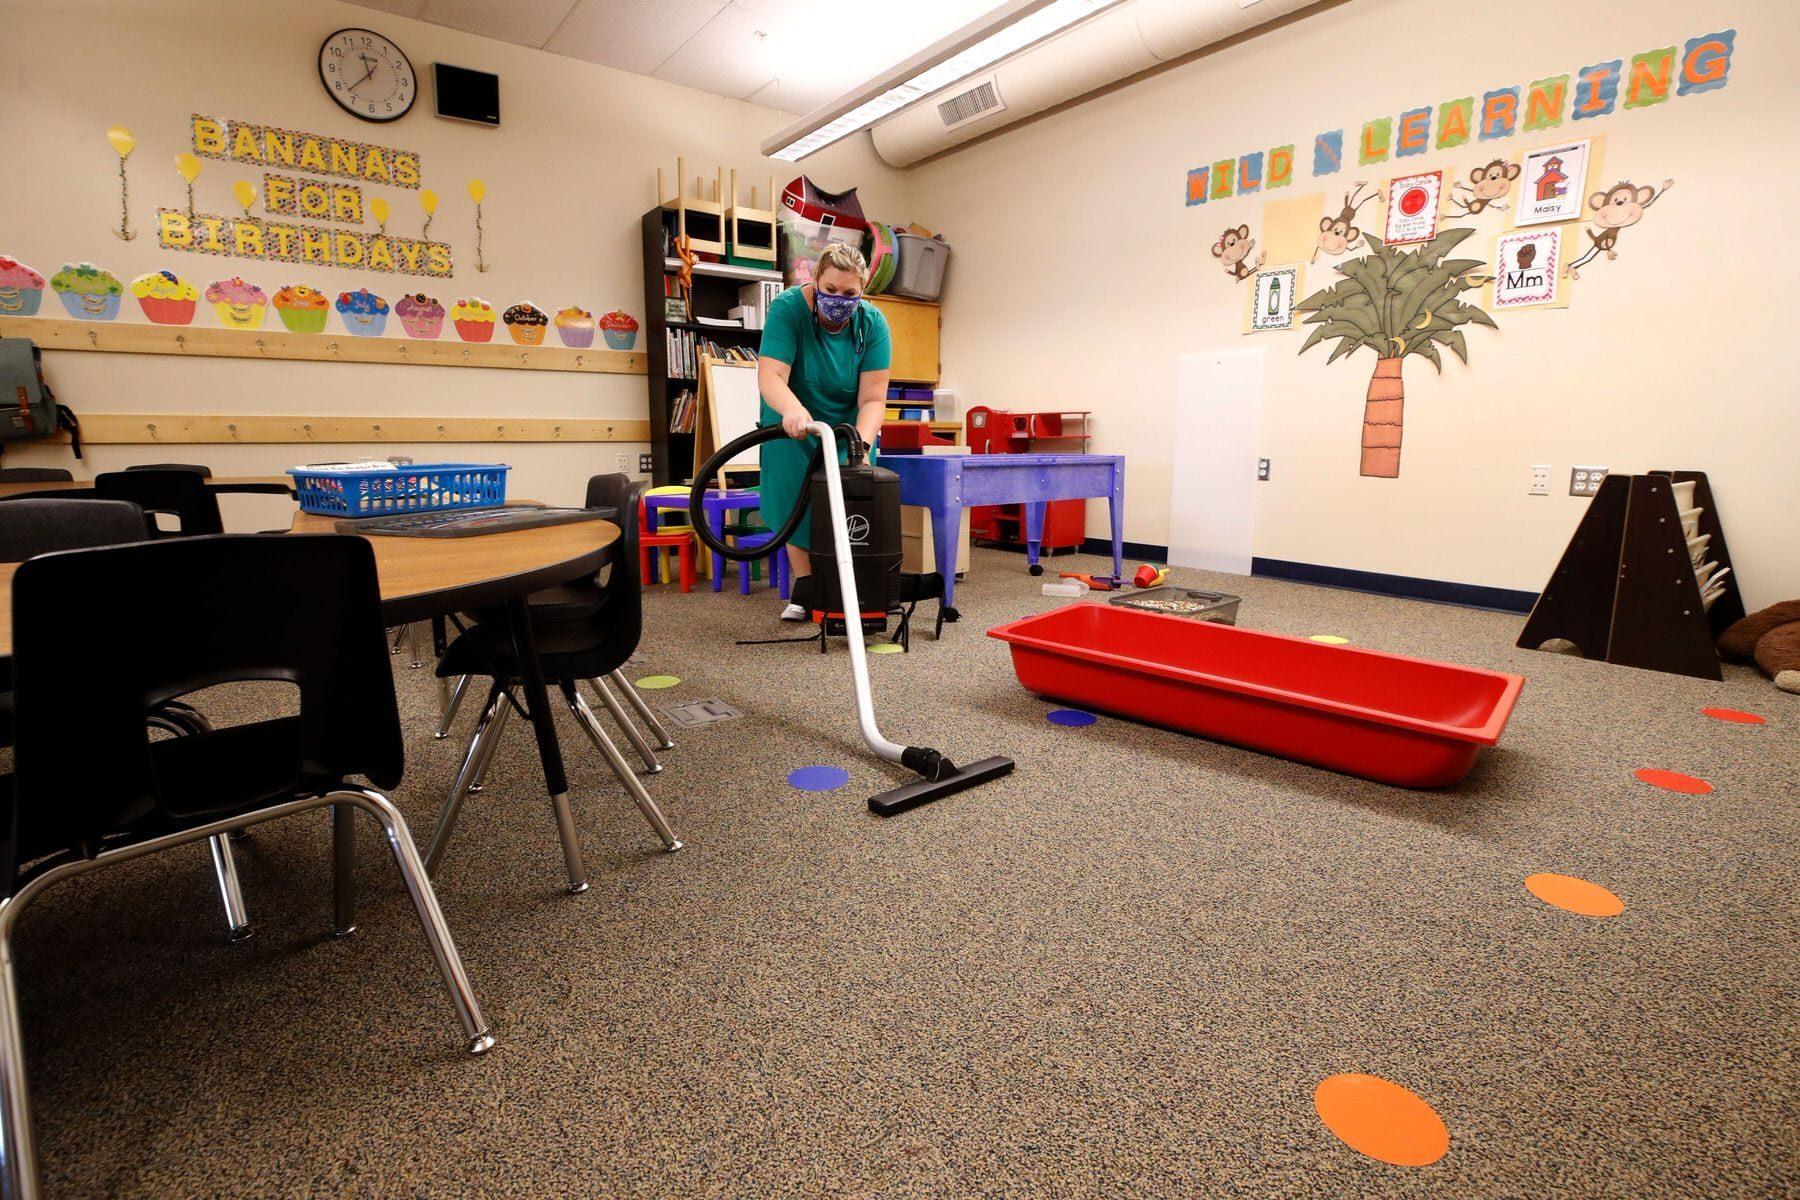 A teacher cleans her classroom.